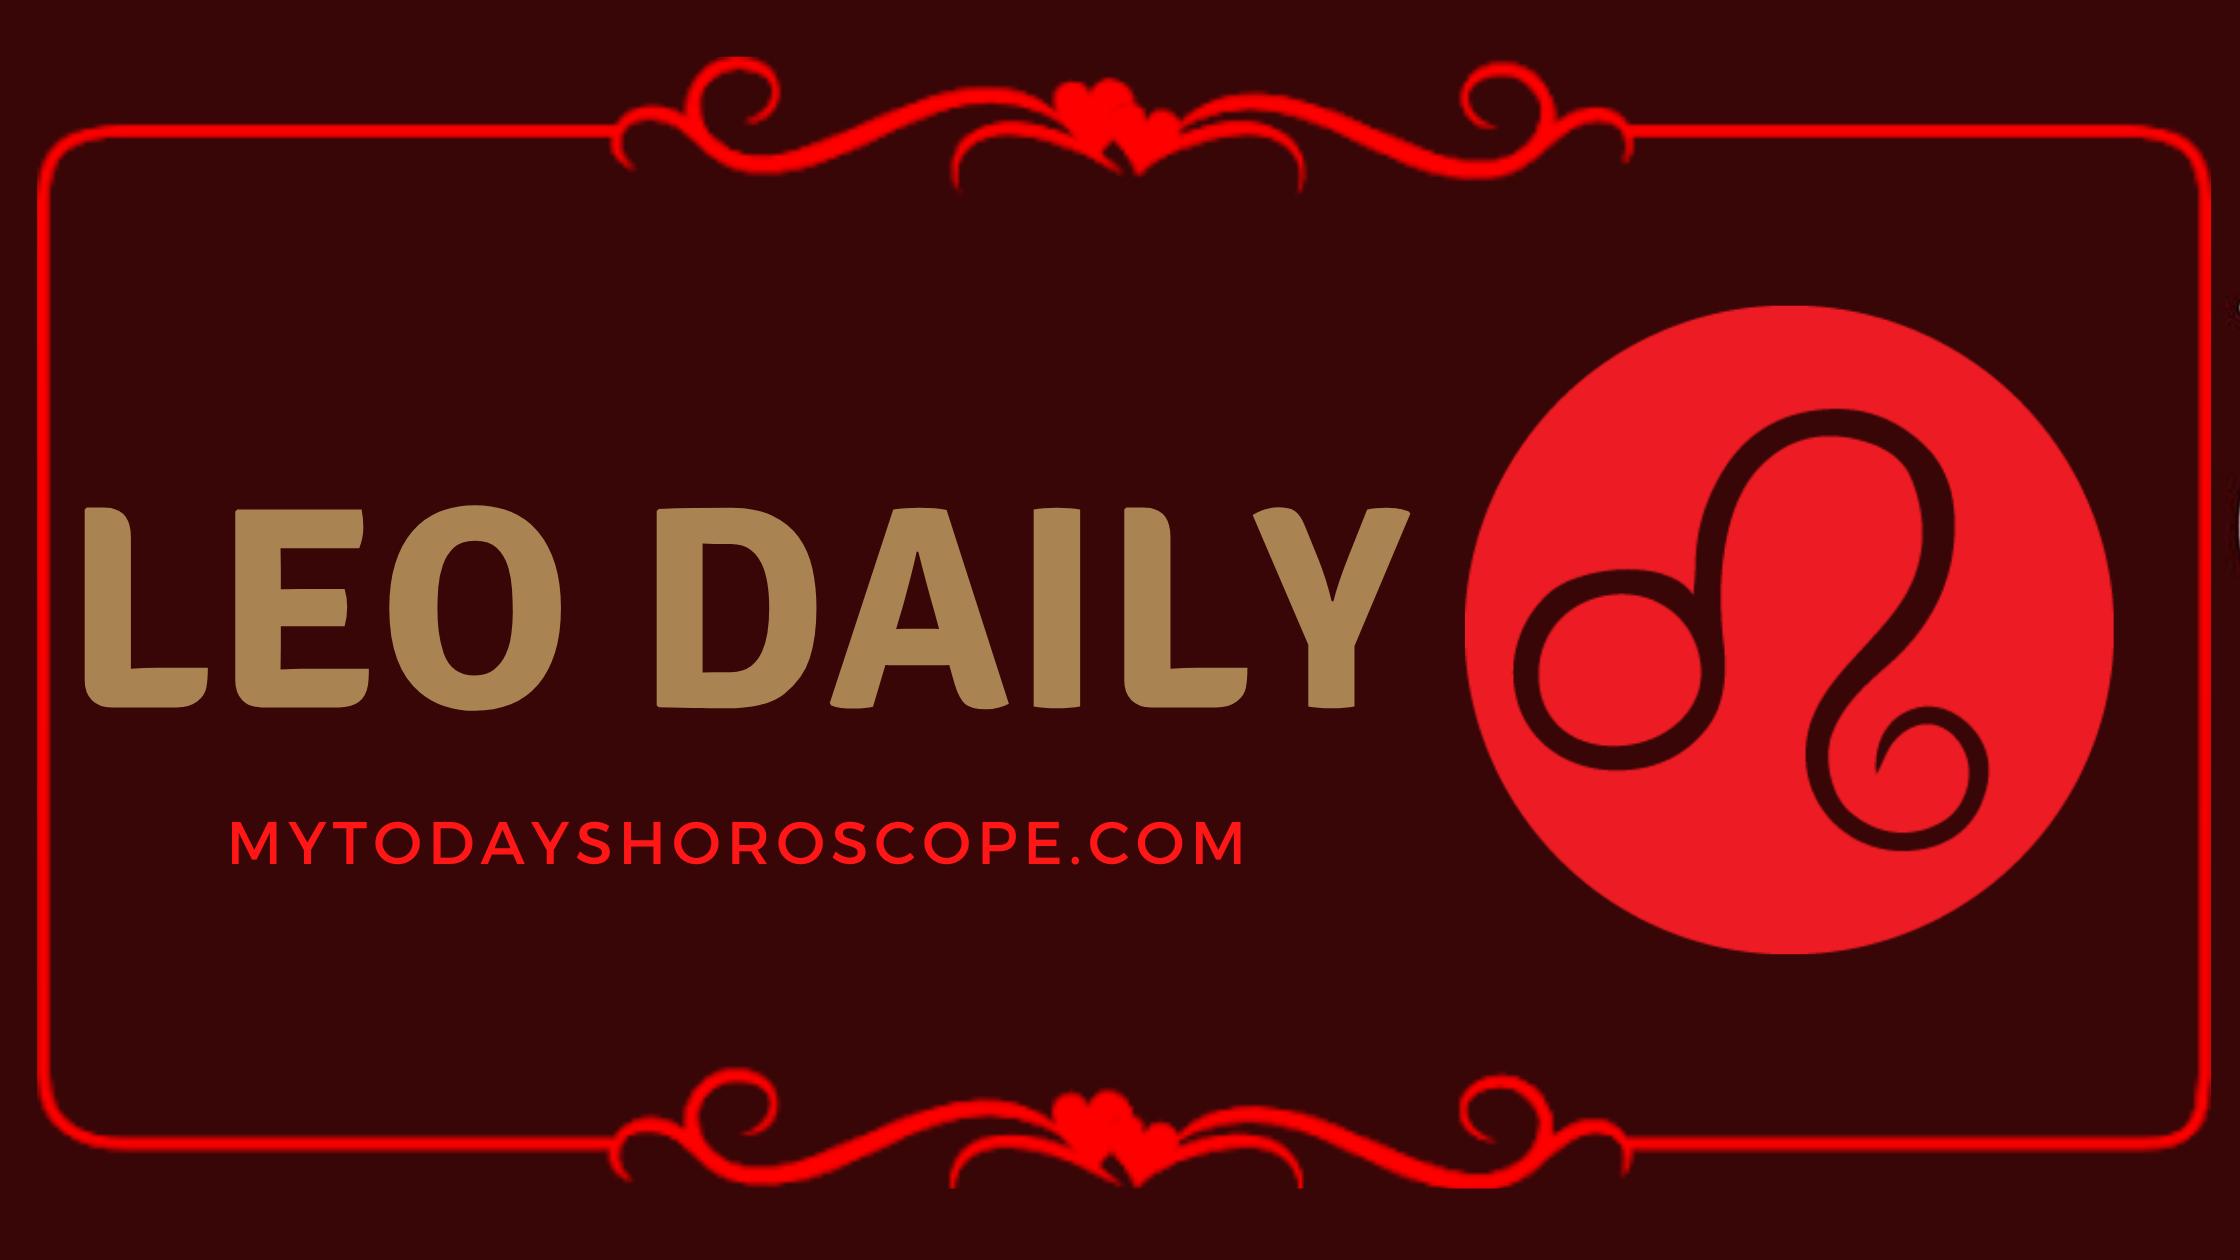 Daily Love Leo Horoscope, Daily Luck Leo Horoscope, and Daily Career Leo Horoscope